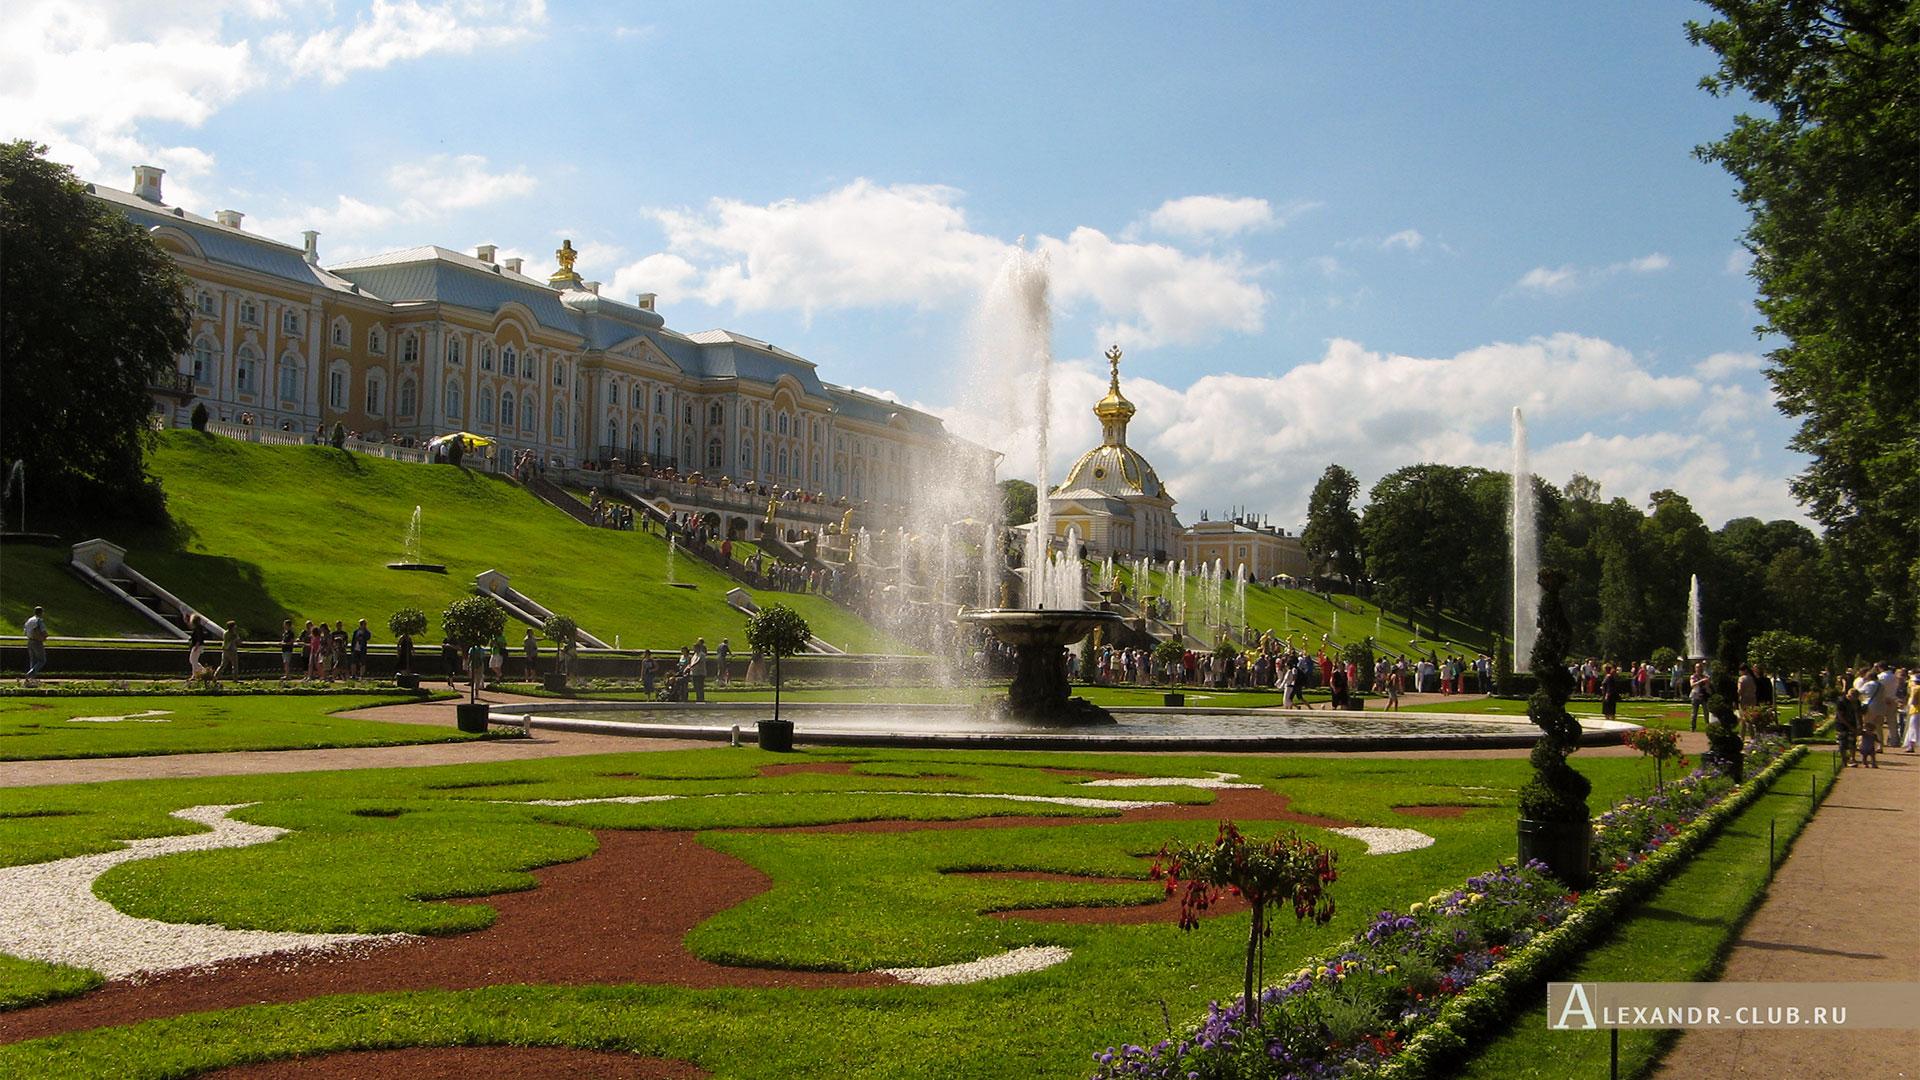 Петергоф, лето, Нижний парк, фонтан «Большой каскад», Большой петергофский дворец